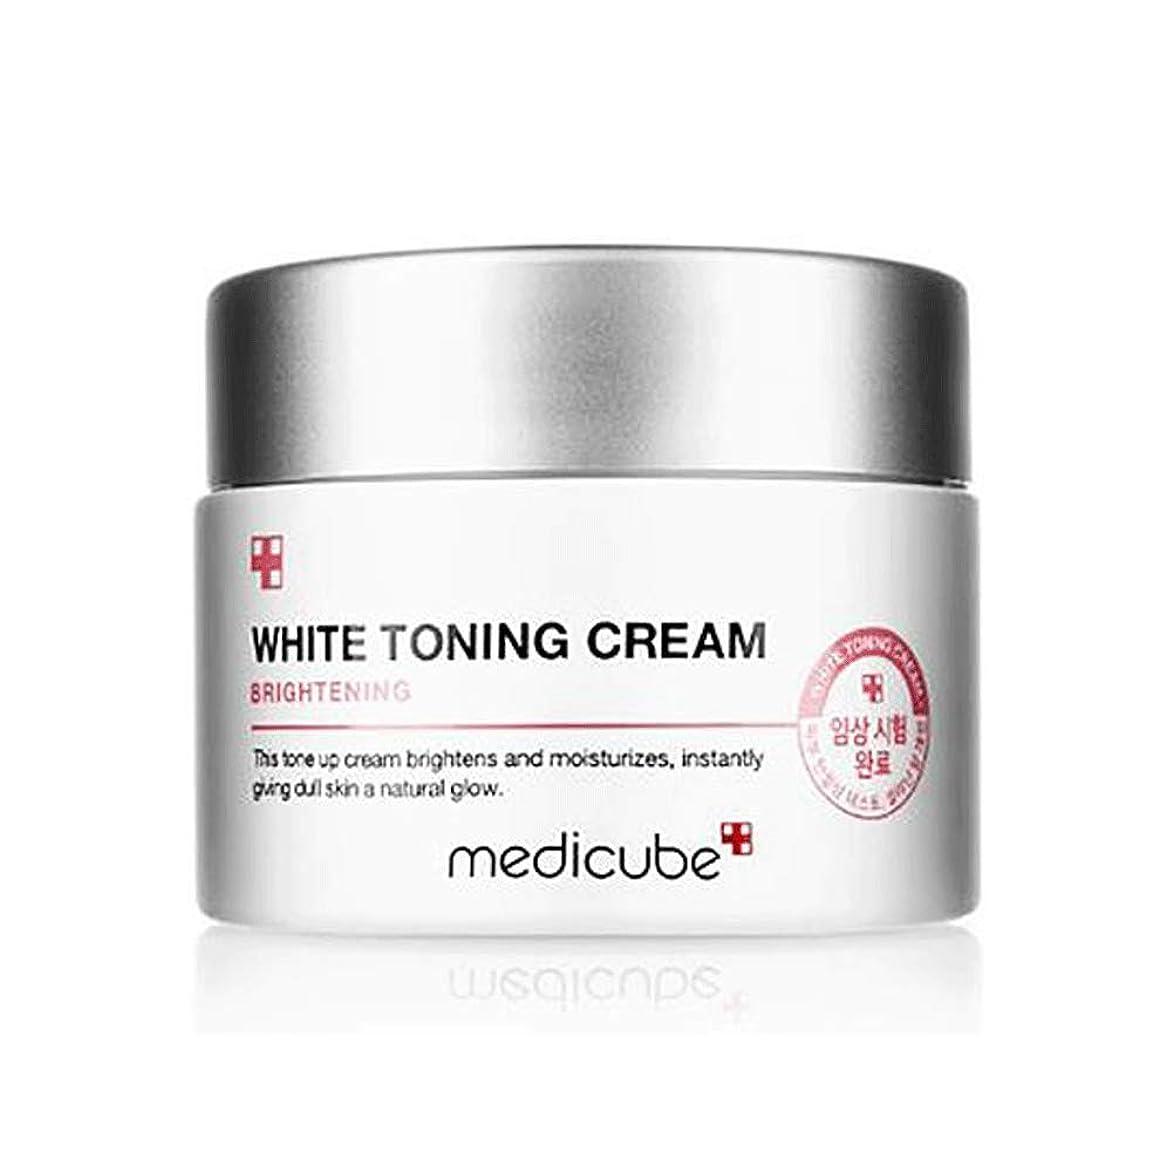 応答ブランチ是正Medicube WHITE TONING CREAM メディキューブ ホワイトトーニングクリーム 55ml [並行輸入品]